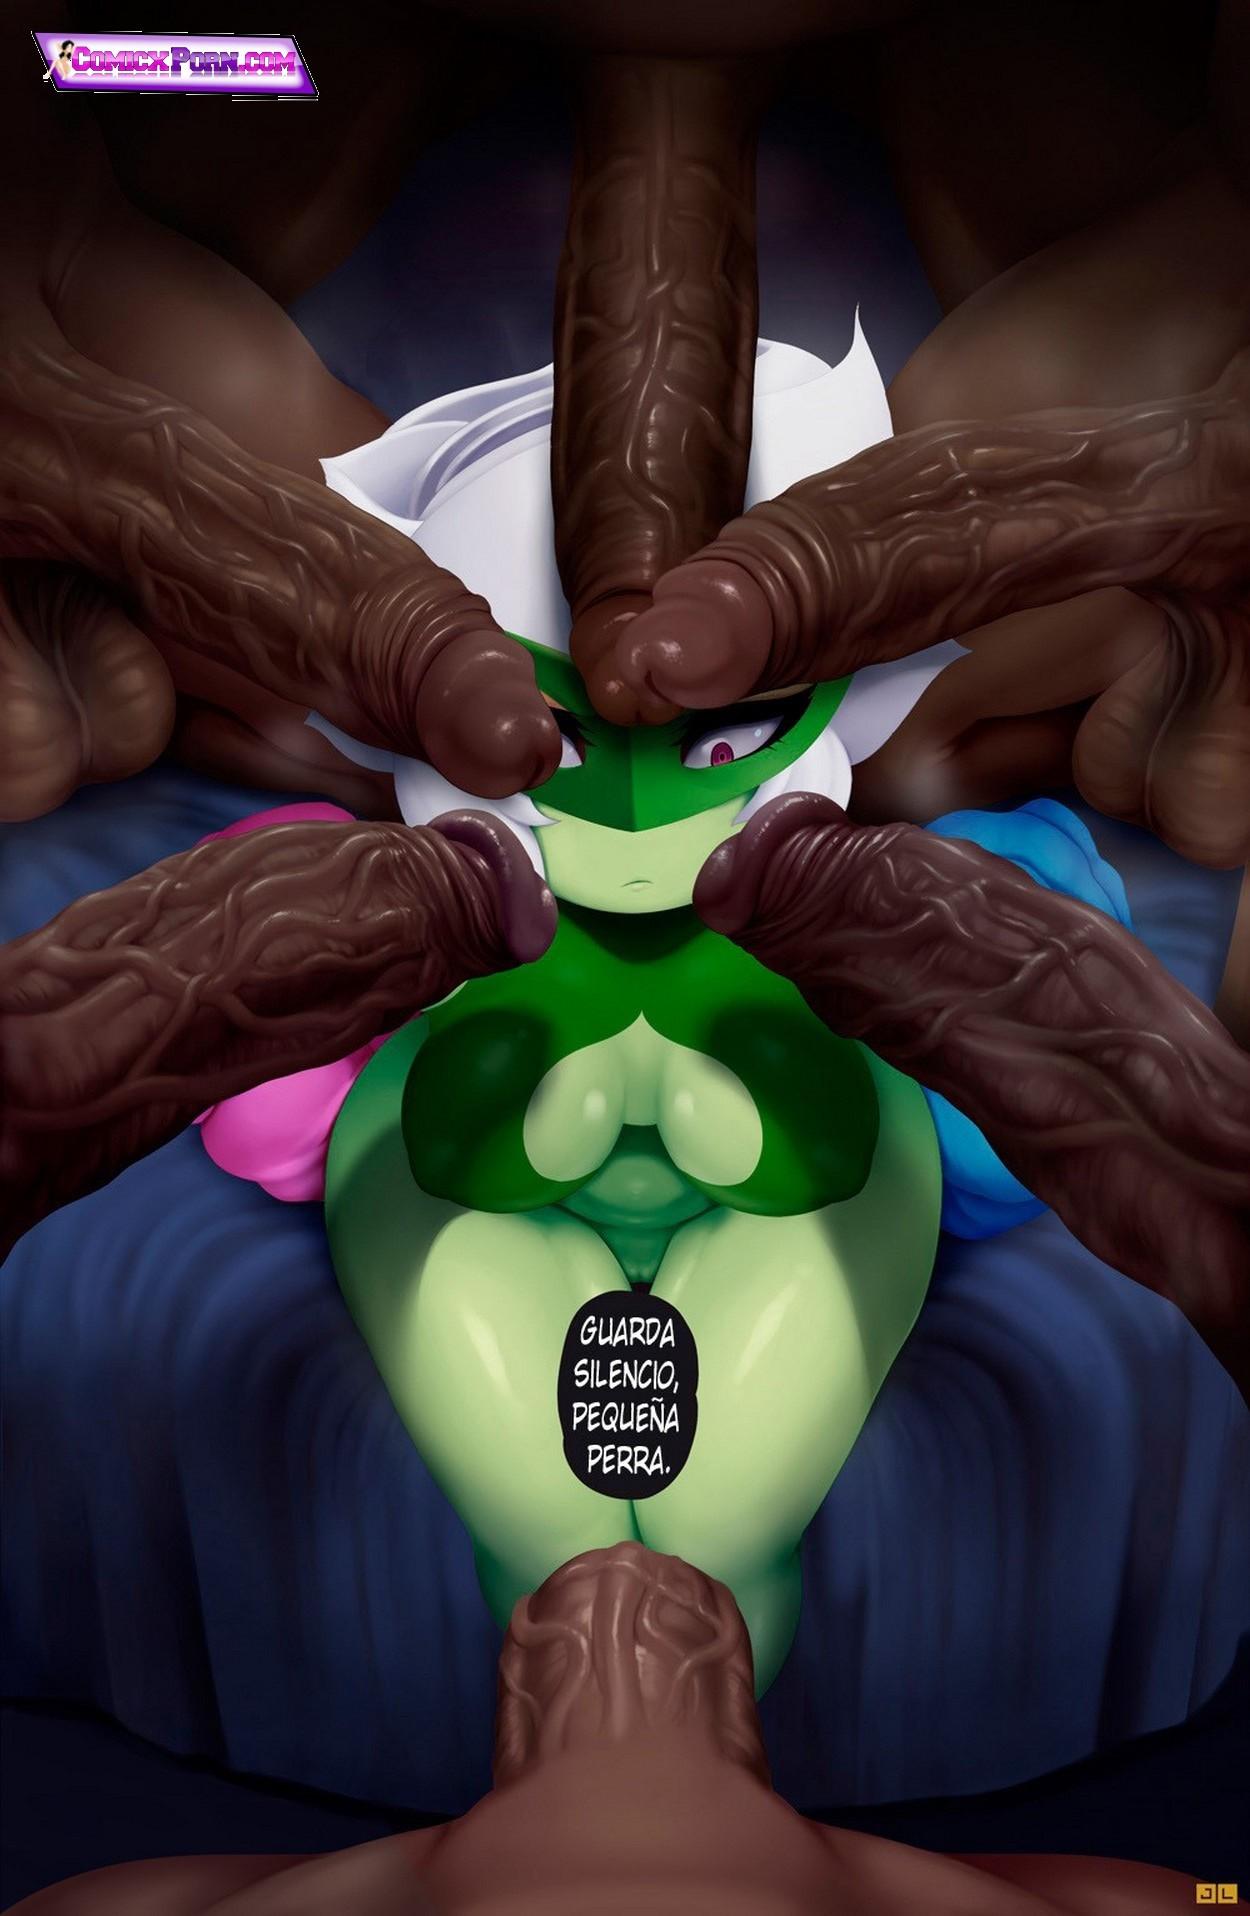 Pokemon esmeralda